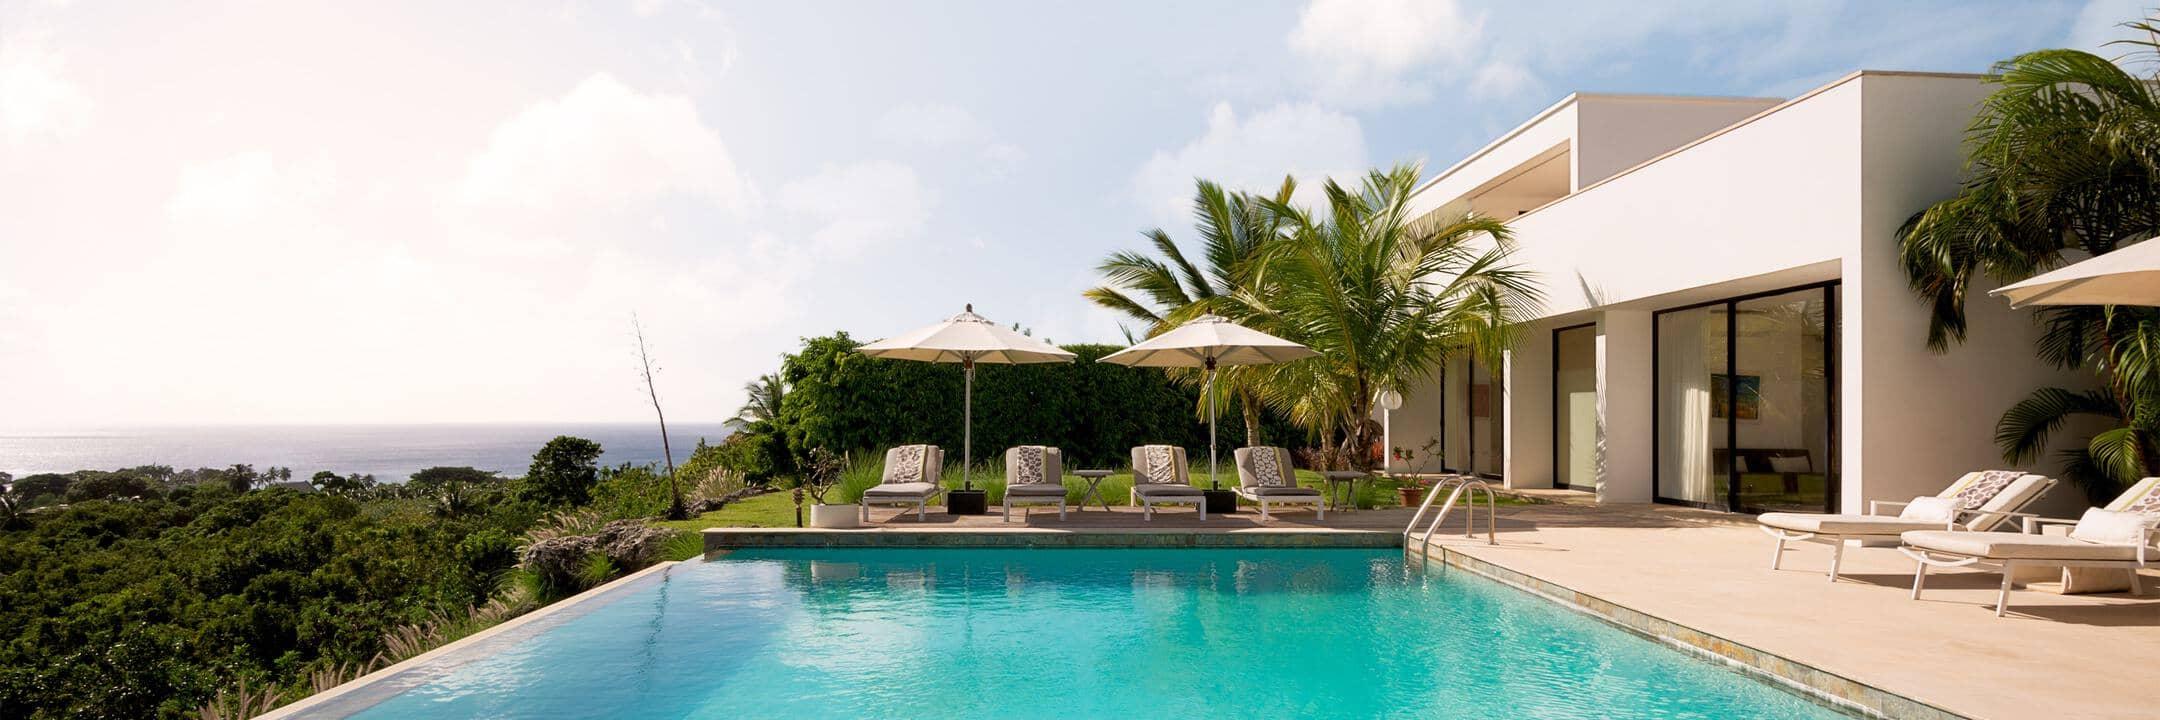 Luxury rentals in Barbados